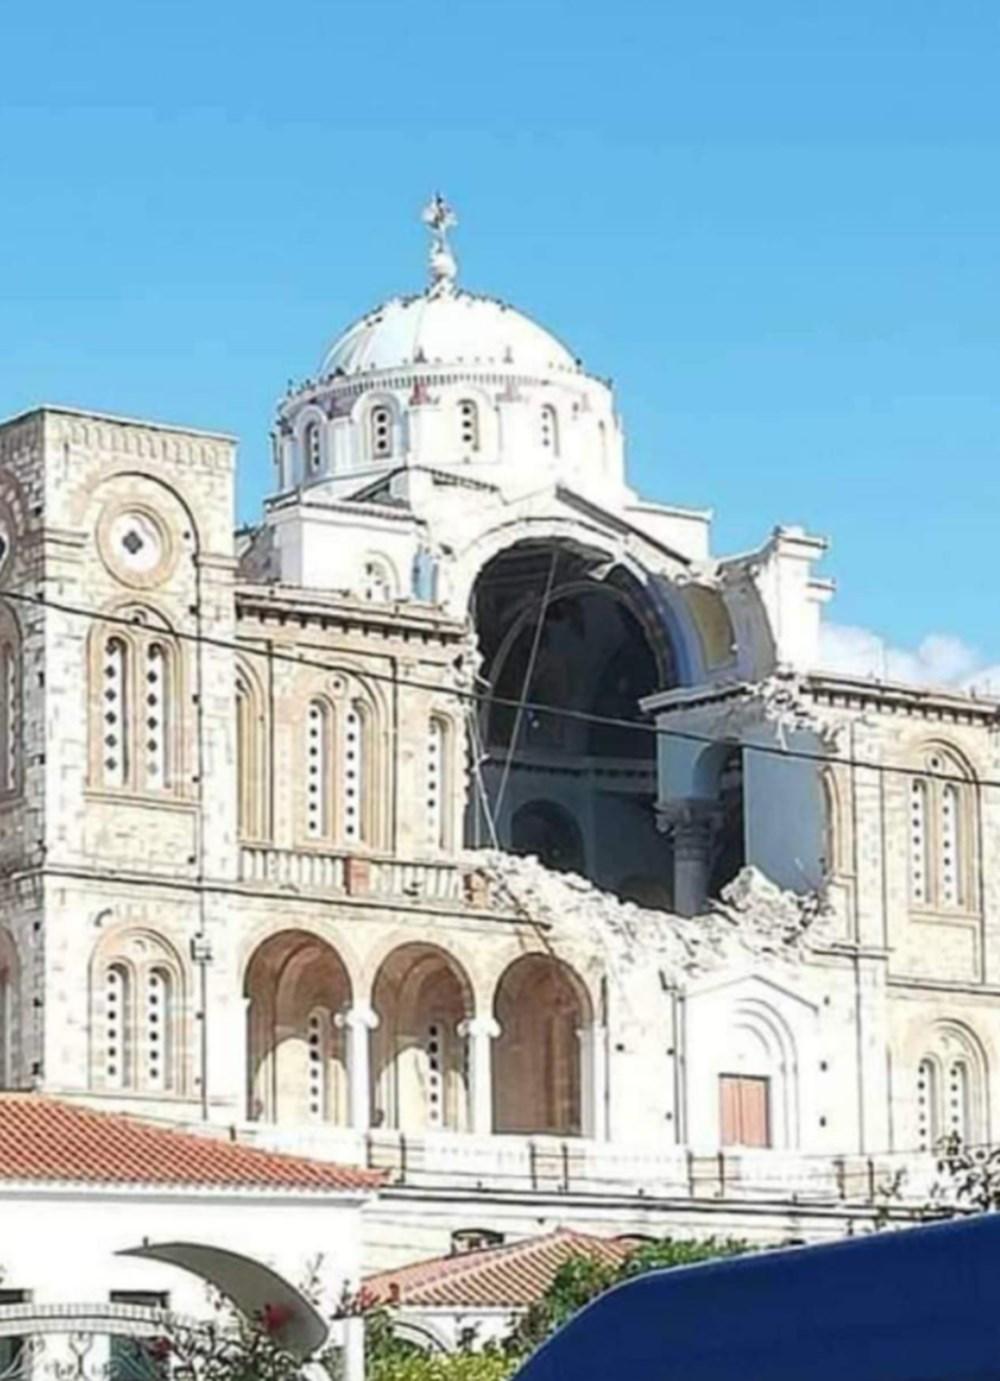 Depremin merkez üssü Yunan adası Sisam'dan ilk fotoğraflar - 2